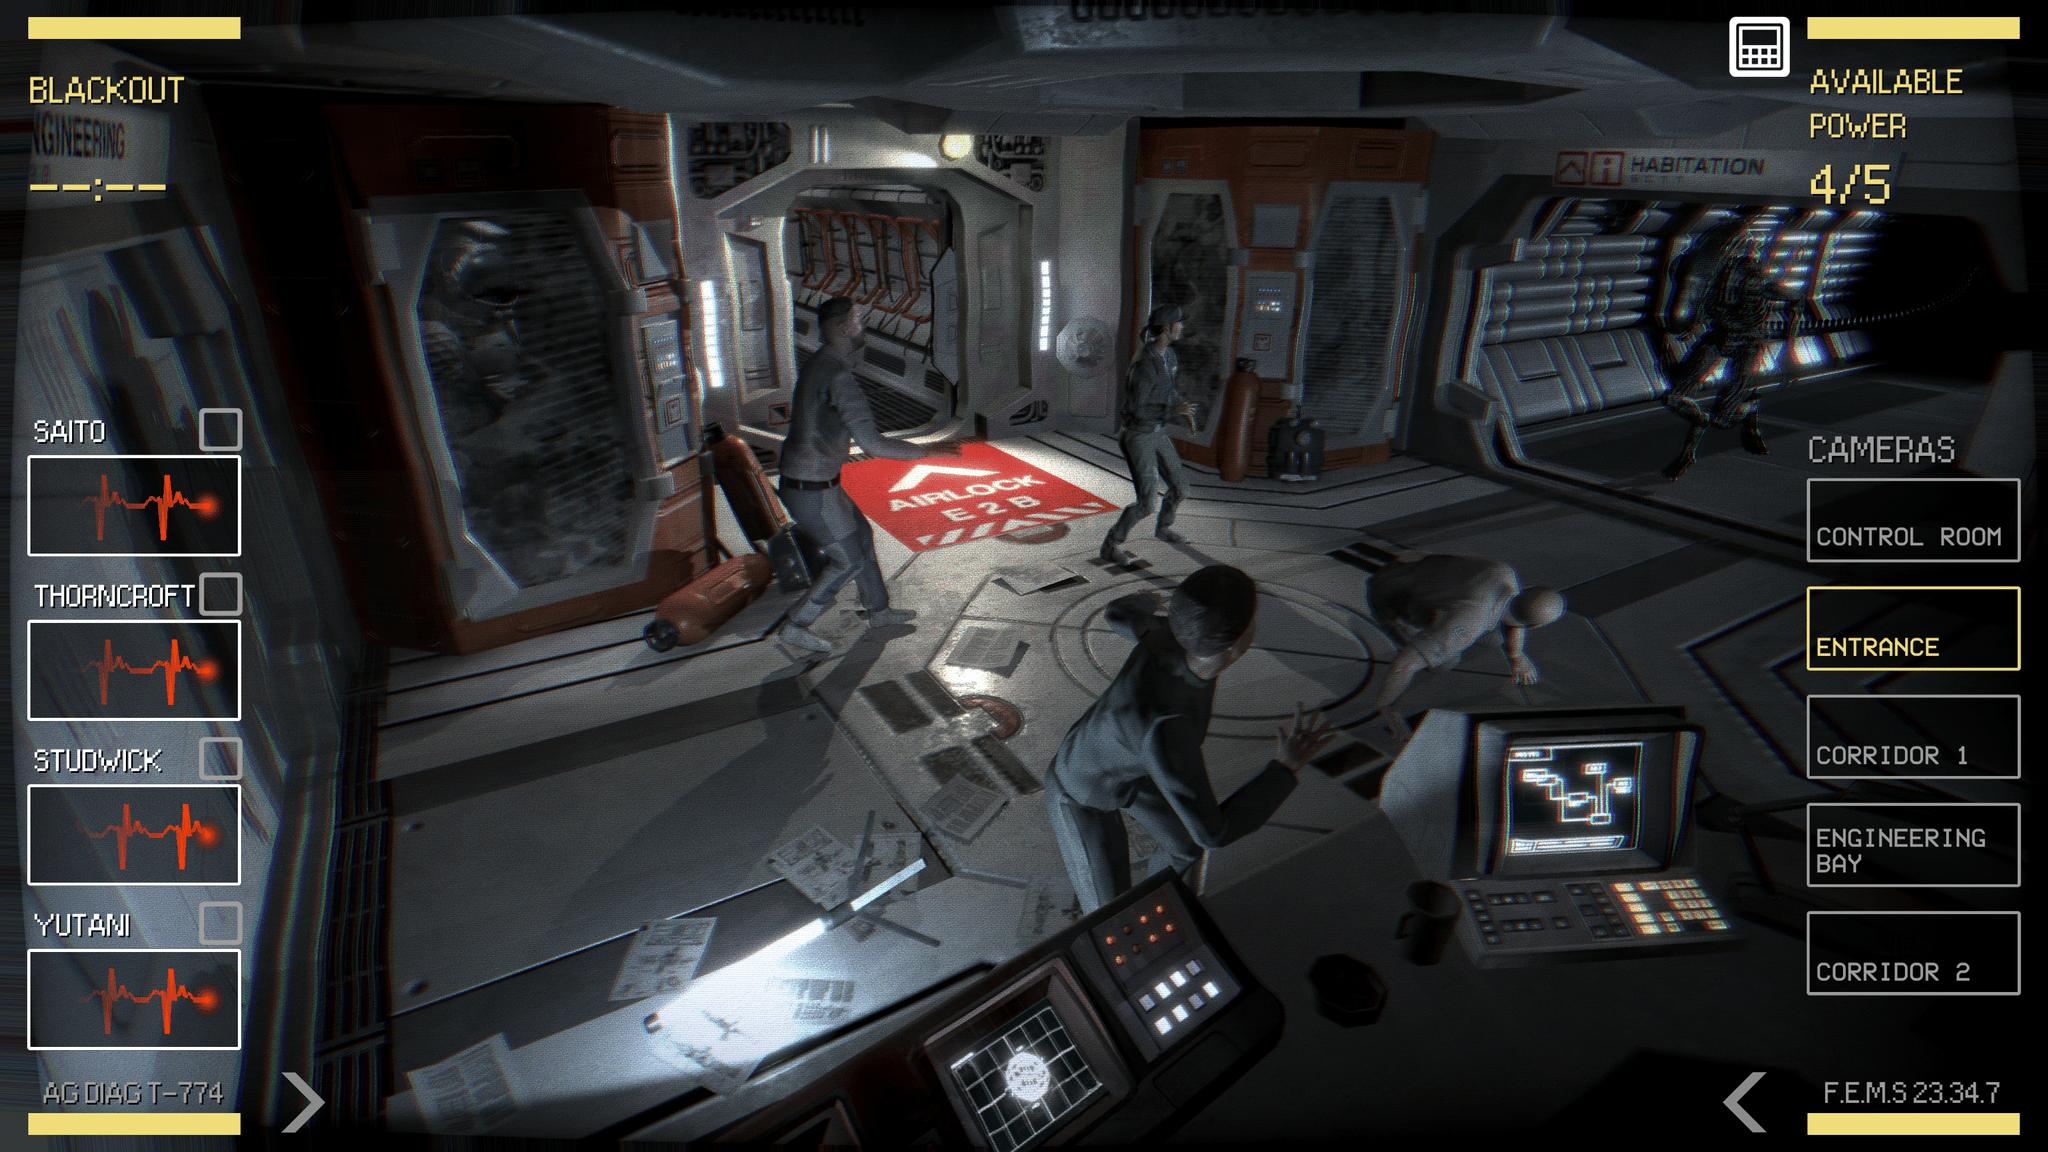 Alien Blackout Screenshot 2